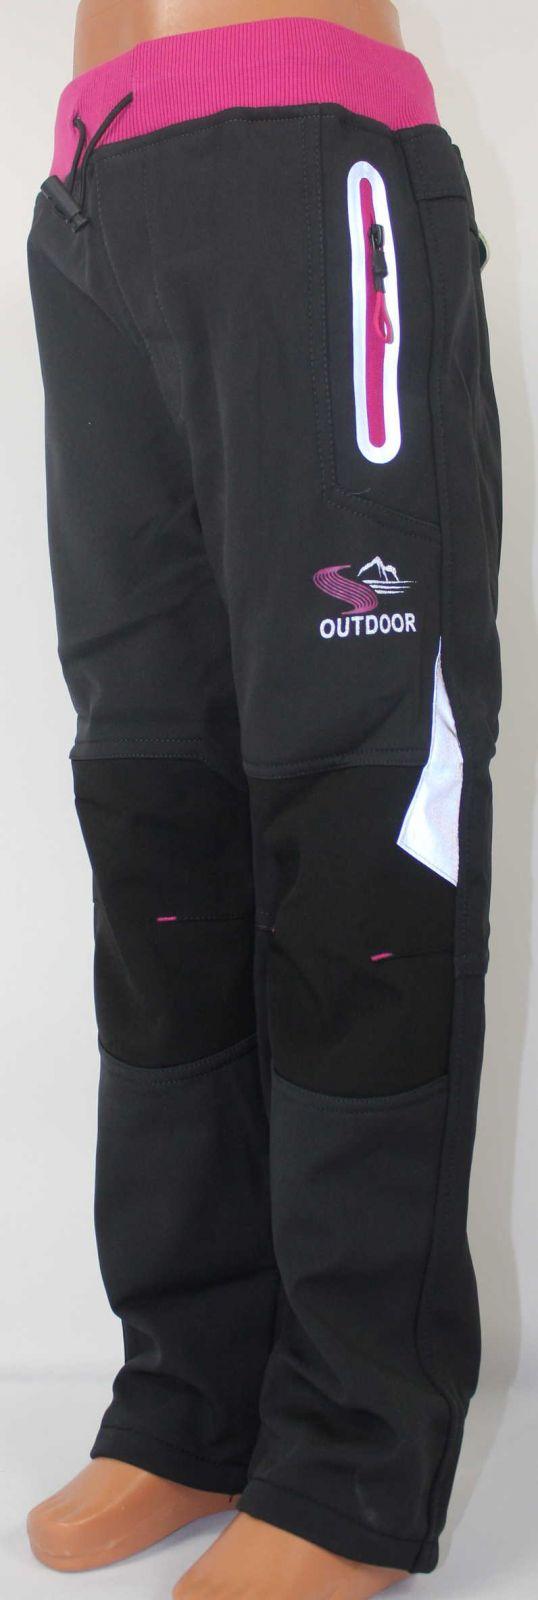 Dětské zateplené softshellové kalhoty KUGO, podzimní kalhoty, dívčí softshellové kalhoty, zateplené kalhoty, kugo oblečen, dětské oblečení